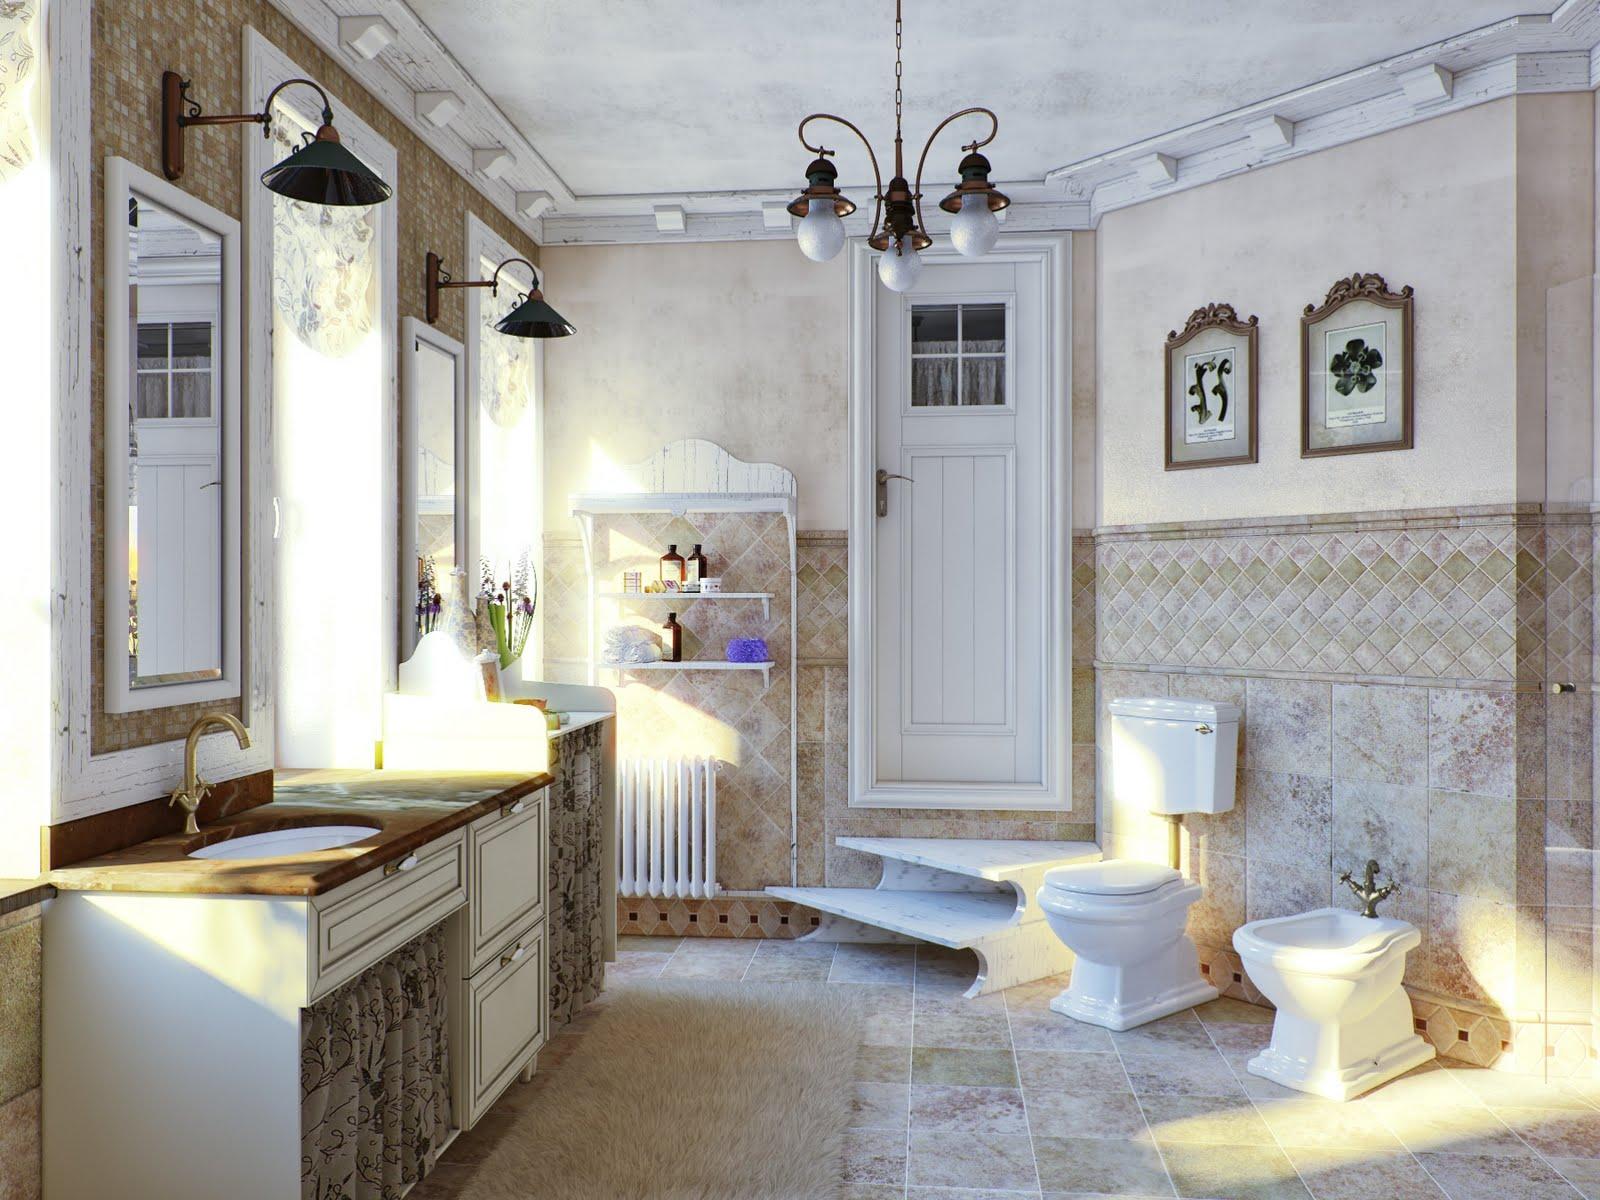 Металлическая люстра и бра в стиле прованс в ванной